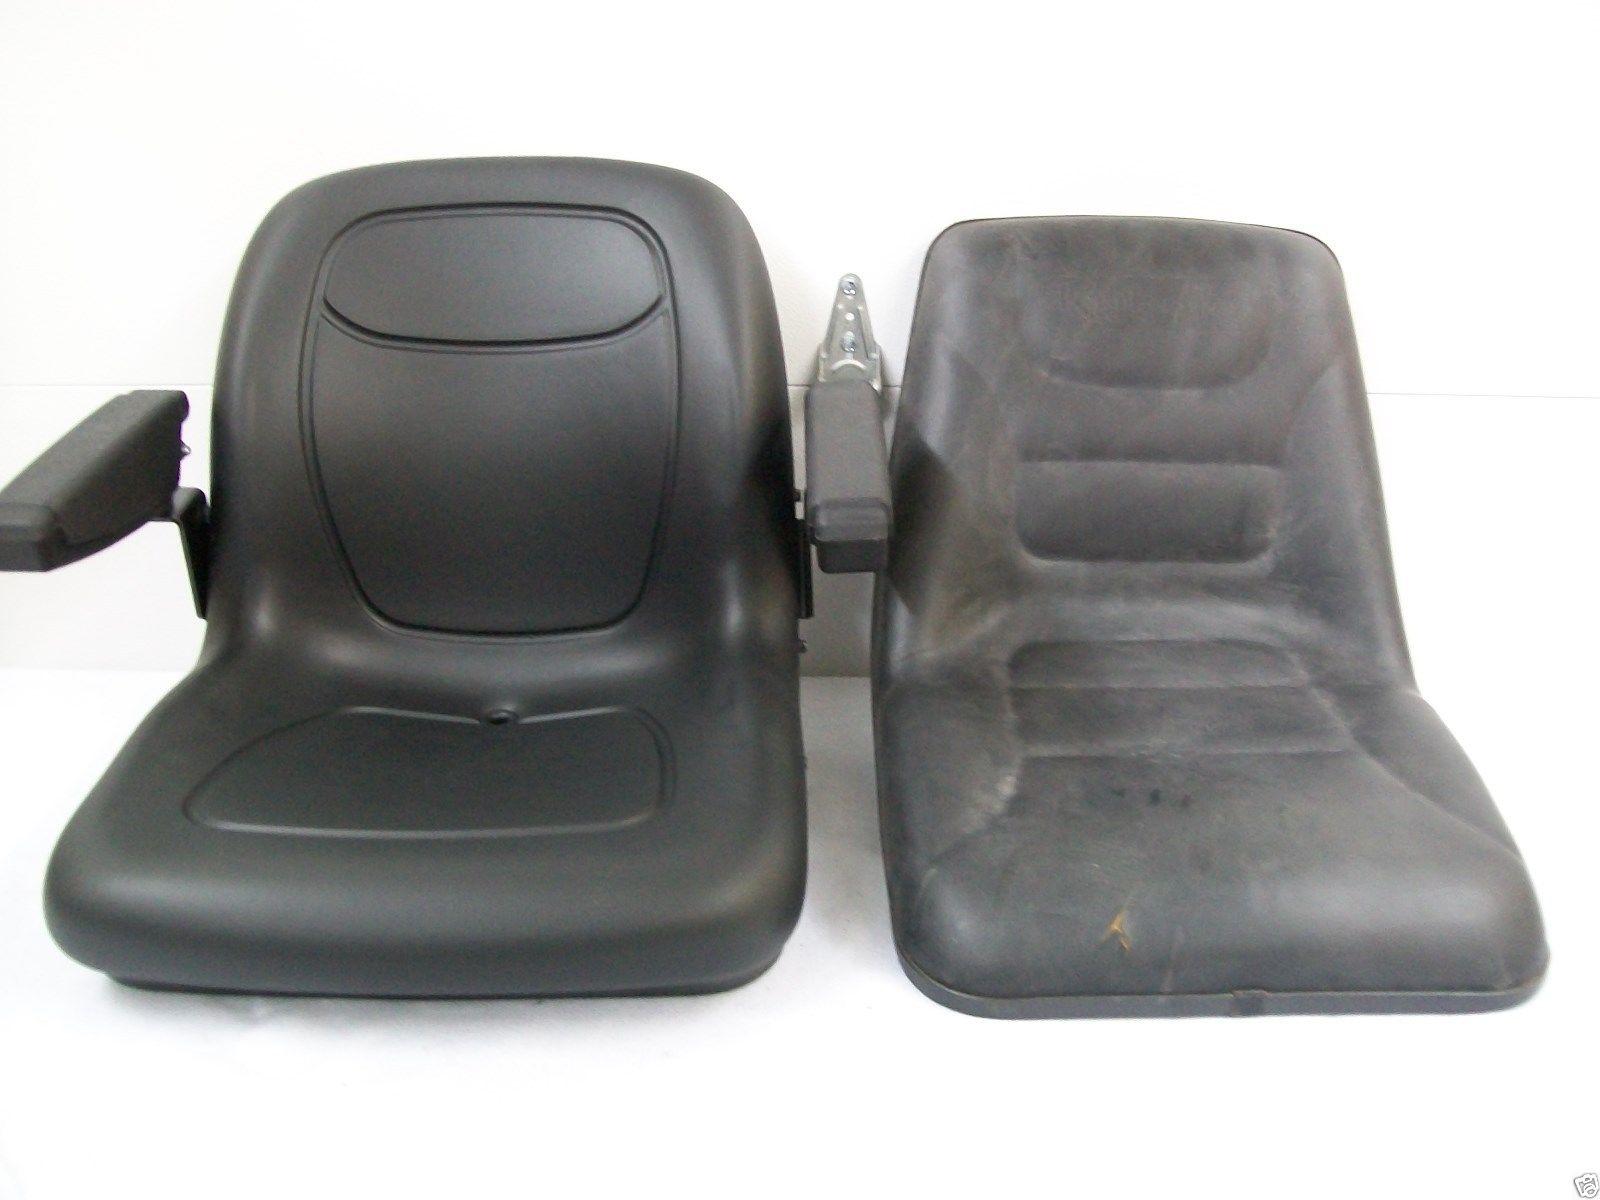 seat fits kubota b7300 b7400 b7500 bx1500 bx1800 bx2200 2230 seat fits kubota b7300b7400b7500bx1500bx1800bx22002230 compact tractor gc 151500110416